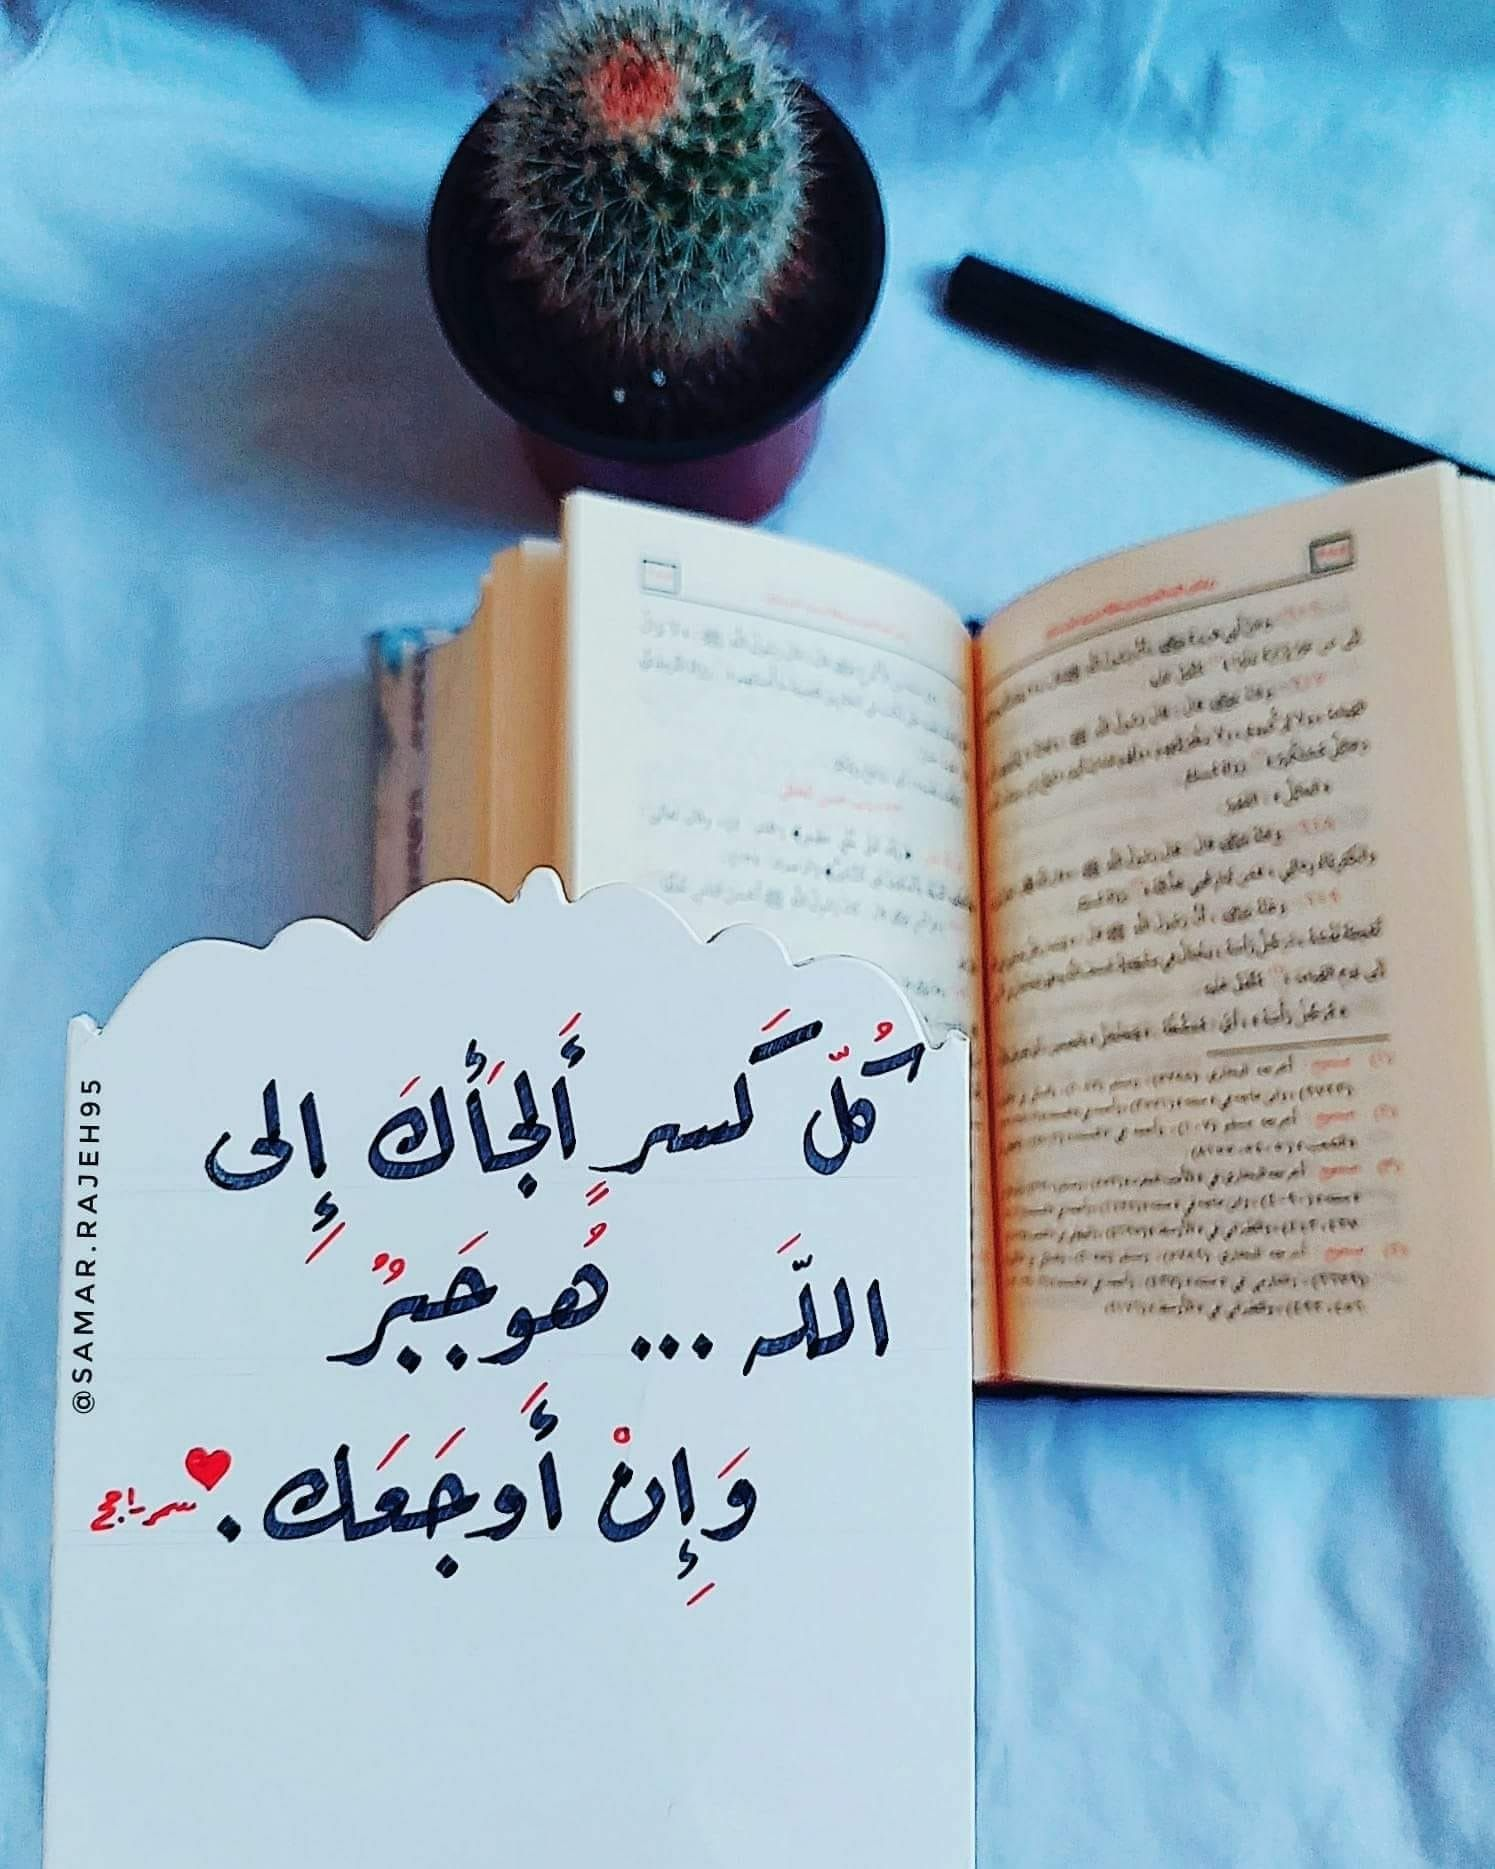 كل كسر ألجأك إلى الله هو جبر Words Quotes Islamic Quotes Wallpaper Iphone Wallpaper Quotes Love